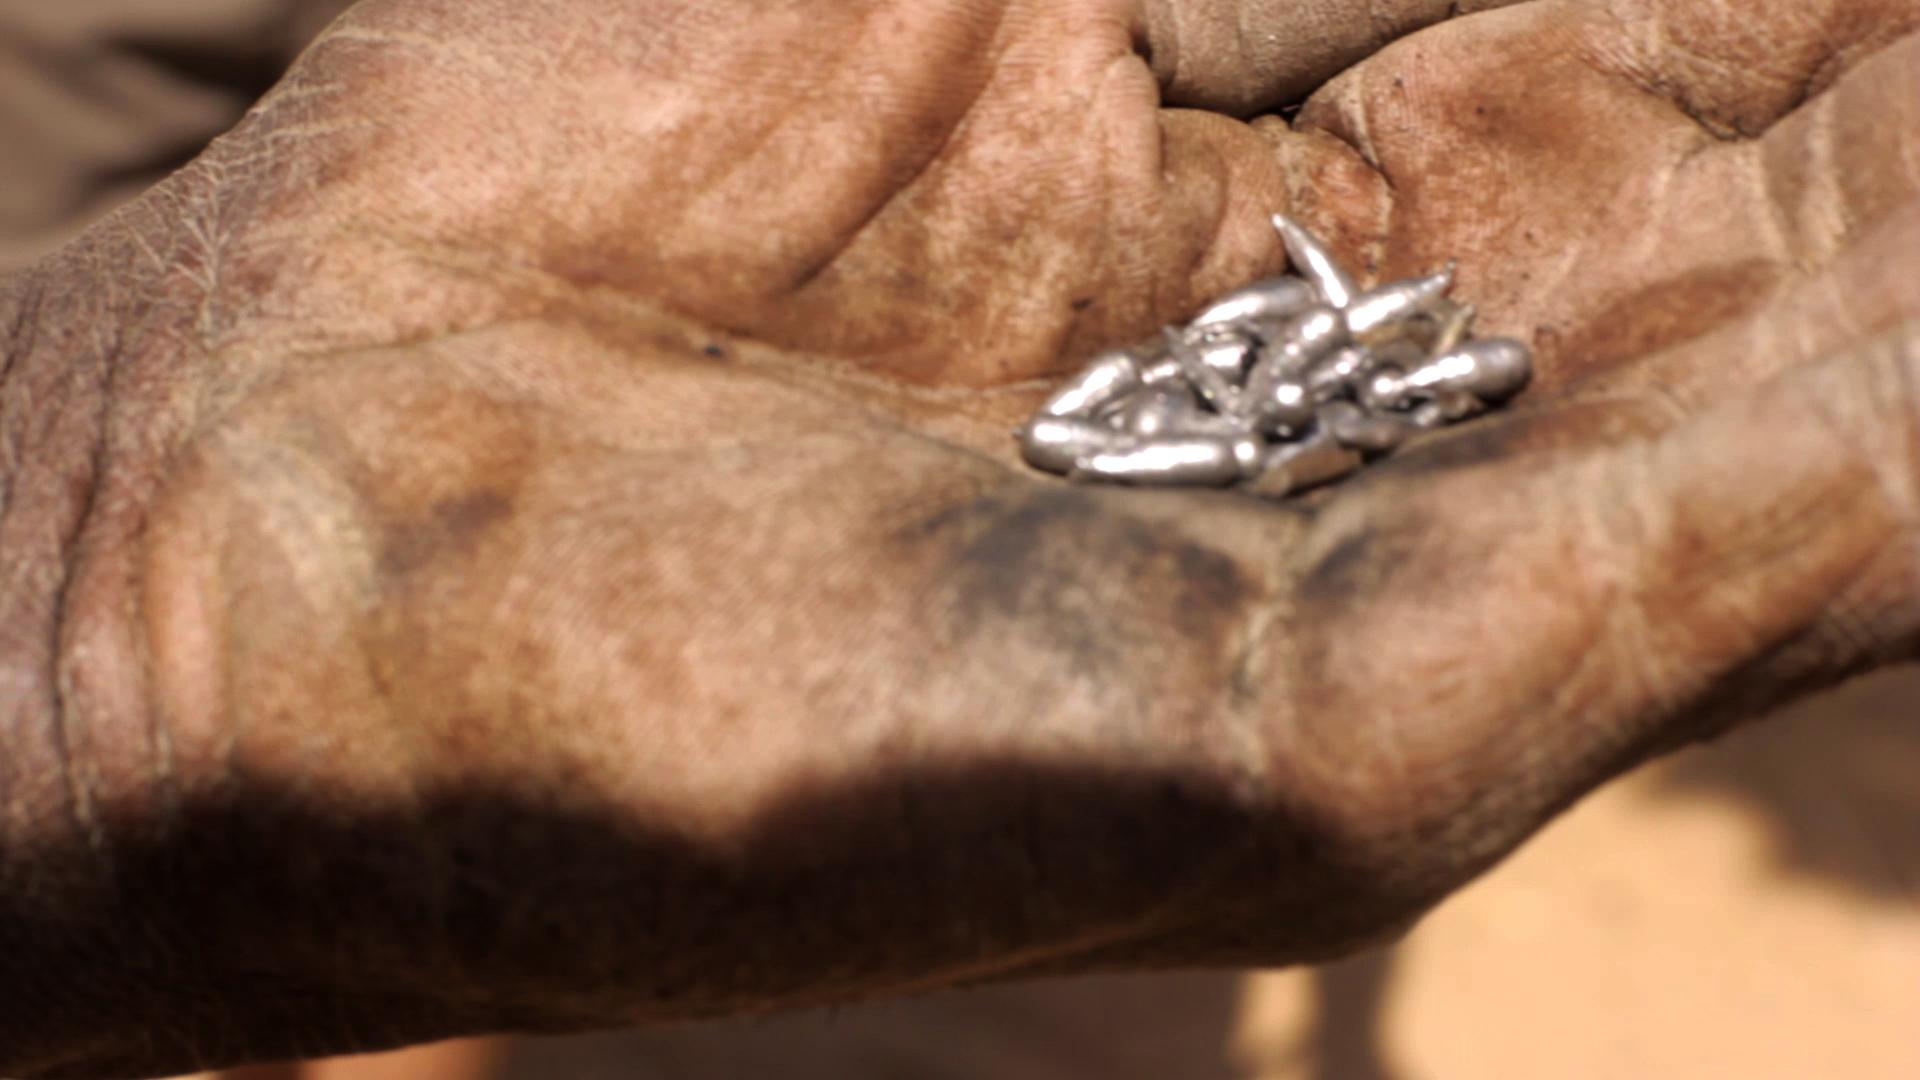 dogon pablocaminante herrero municion - Malí 8, País Dogon V: moda, arte y religión